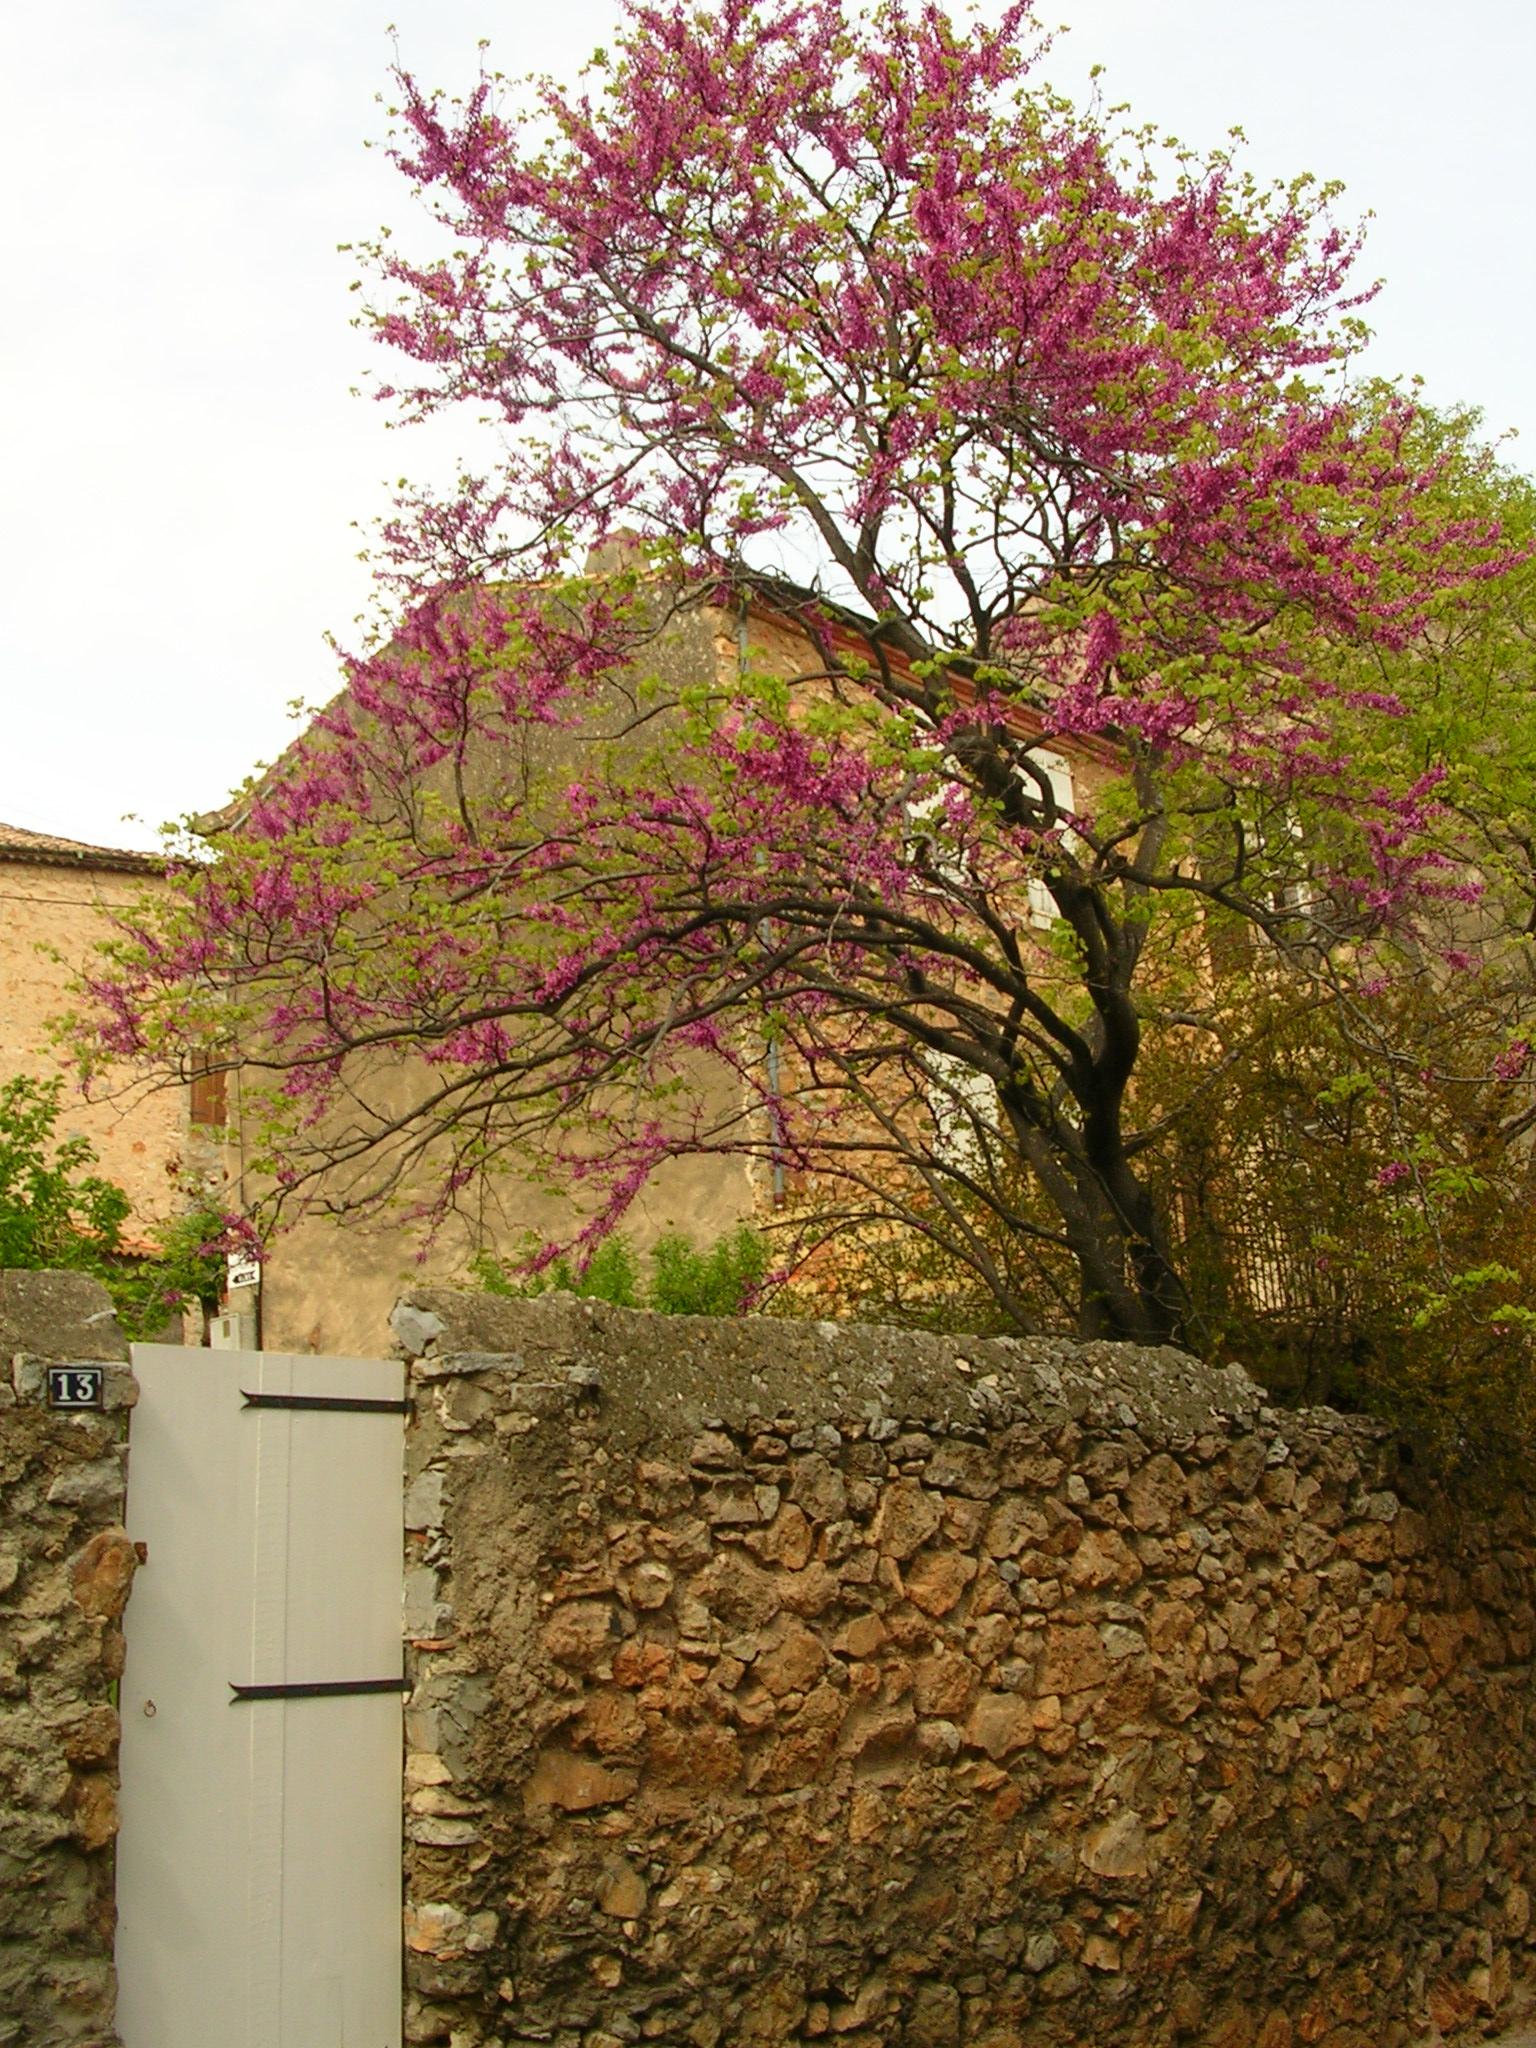 arbrerose2.JPG